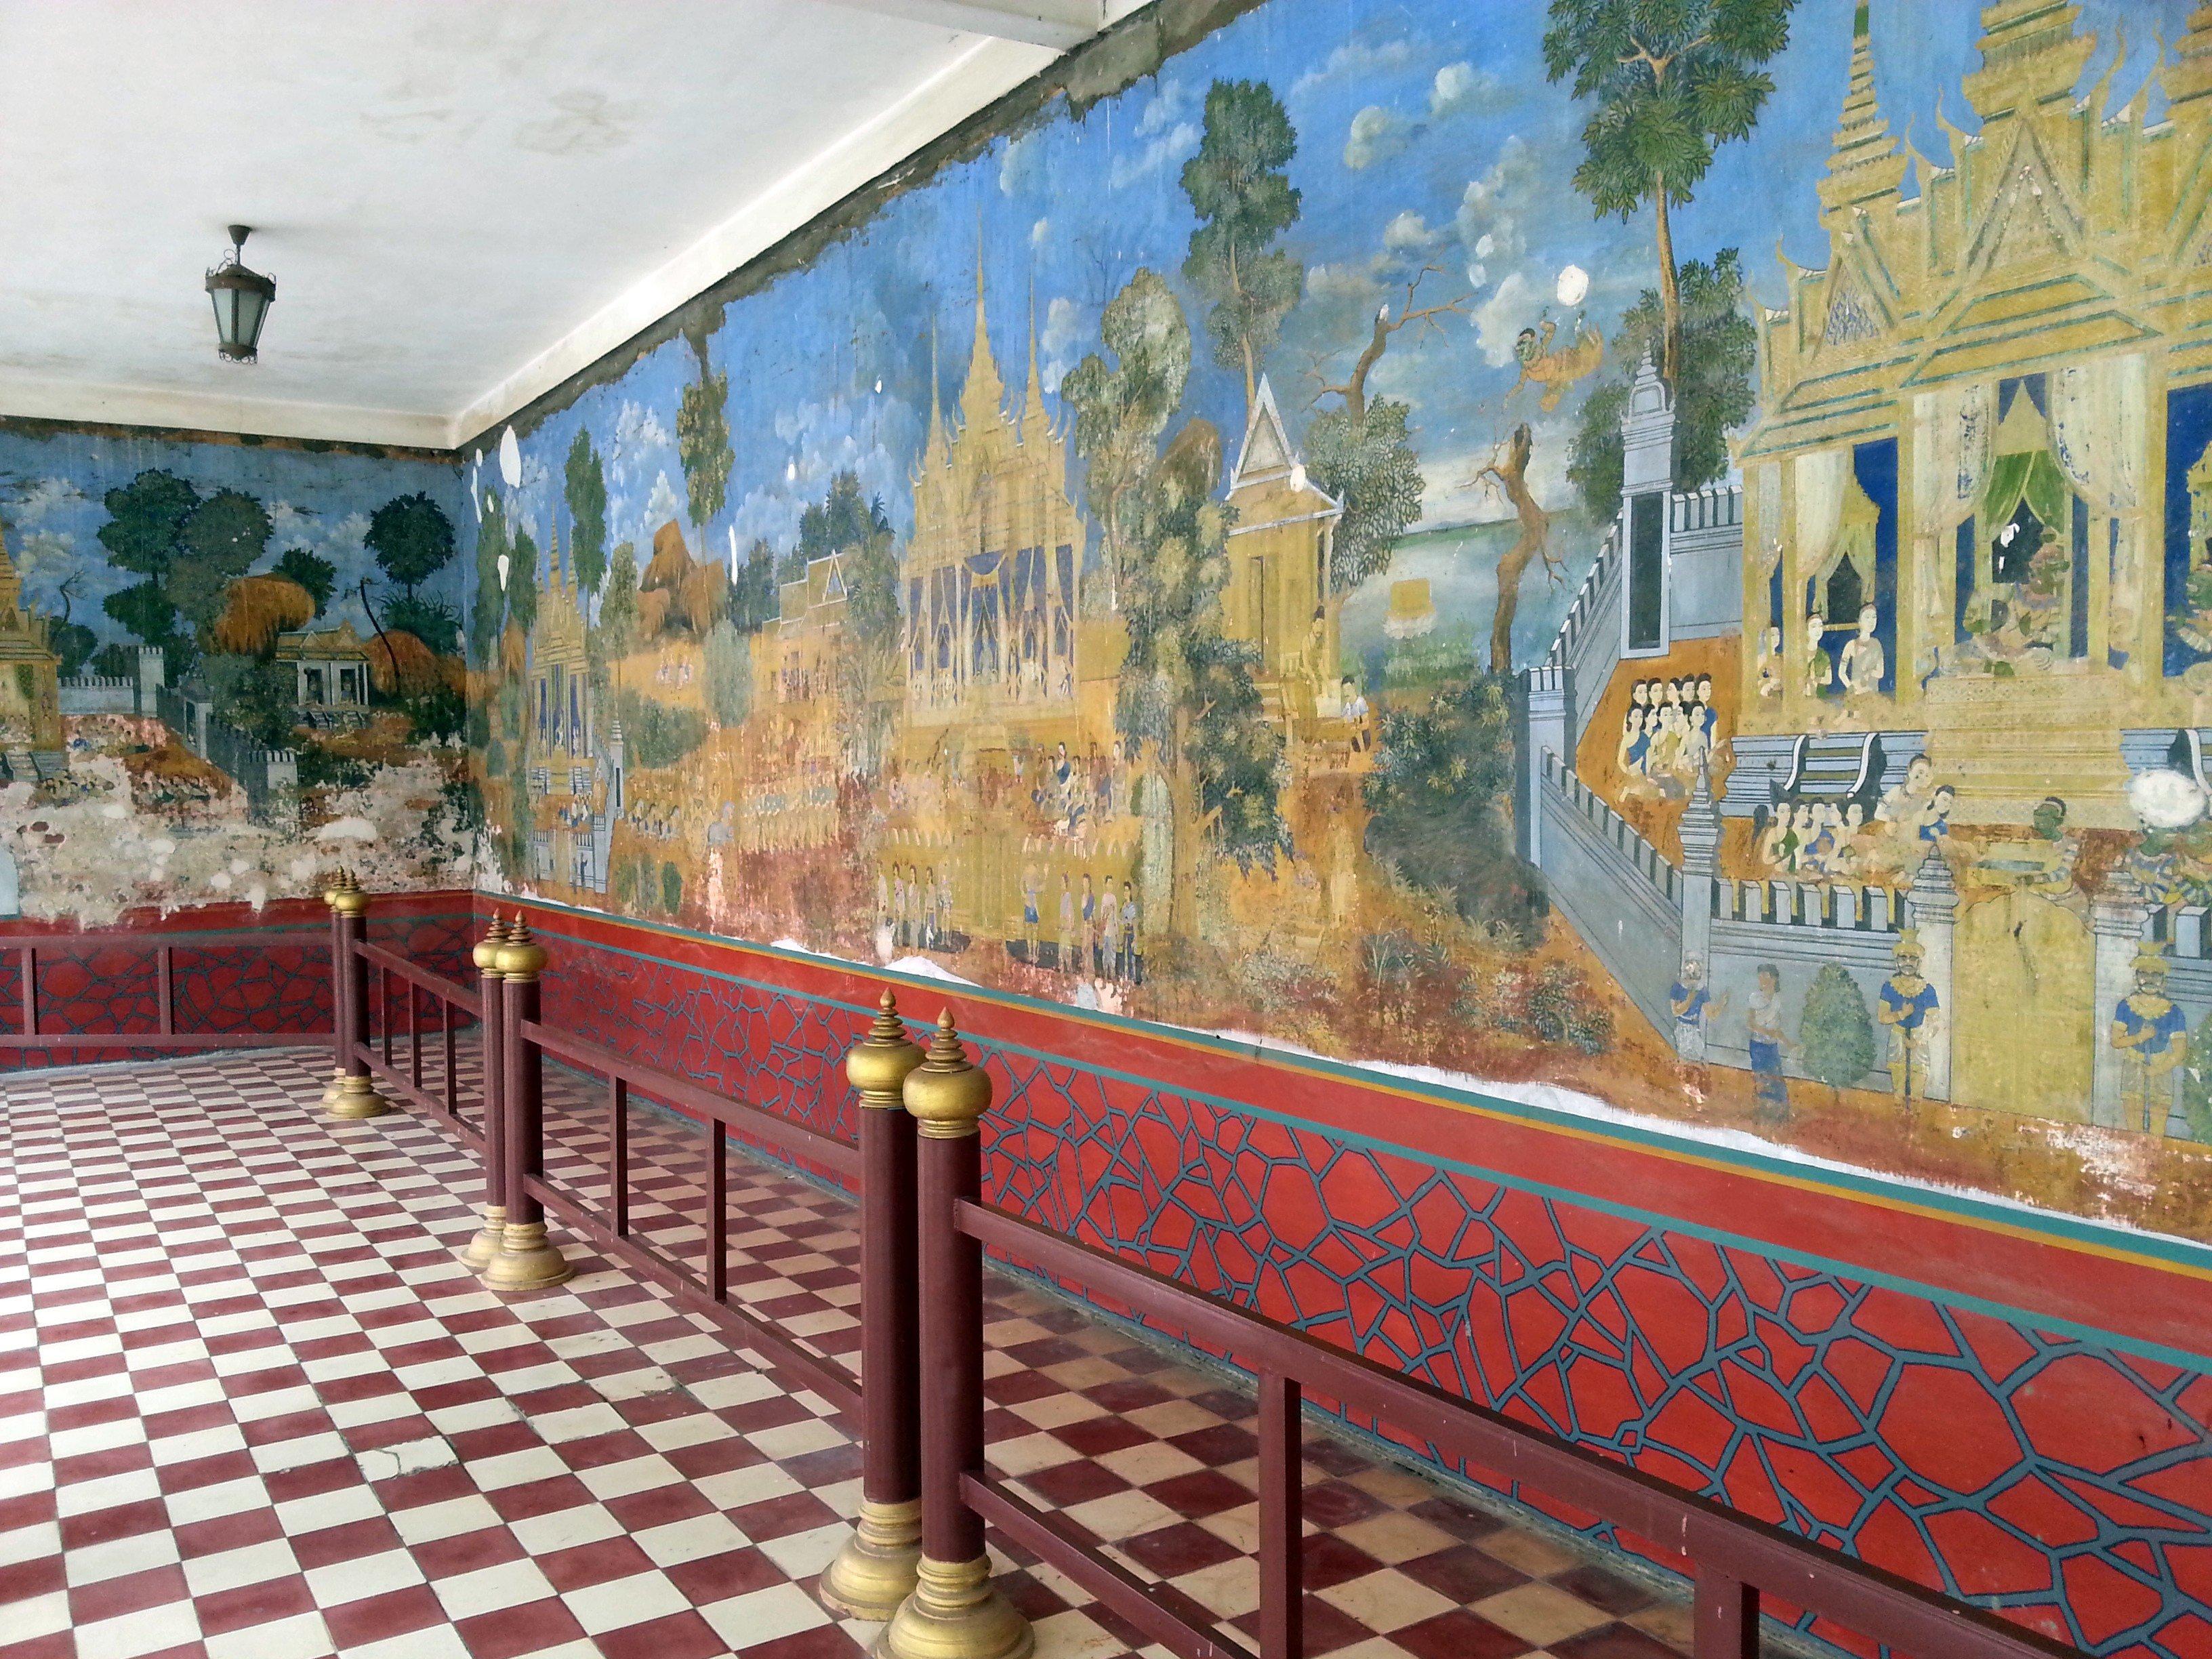 Mural at the Royal Palace in Phnom Penh